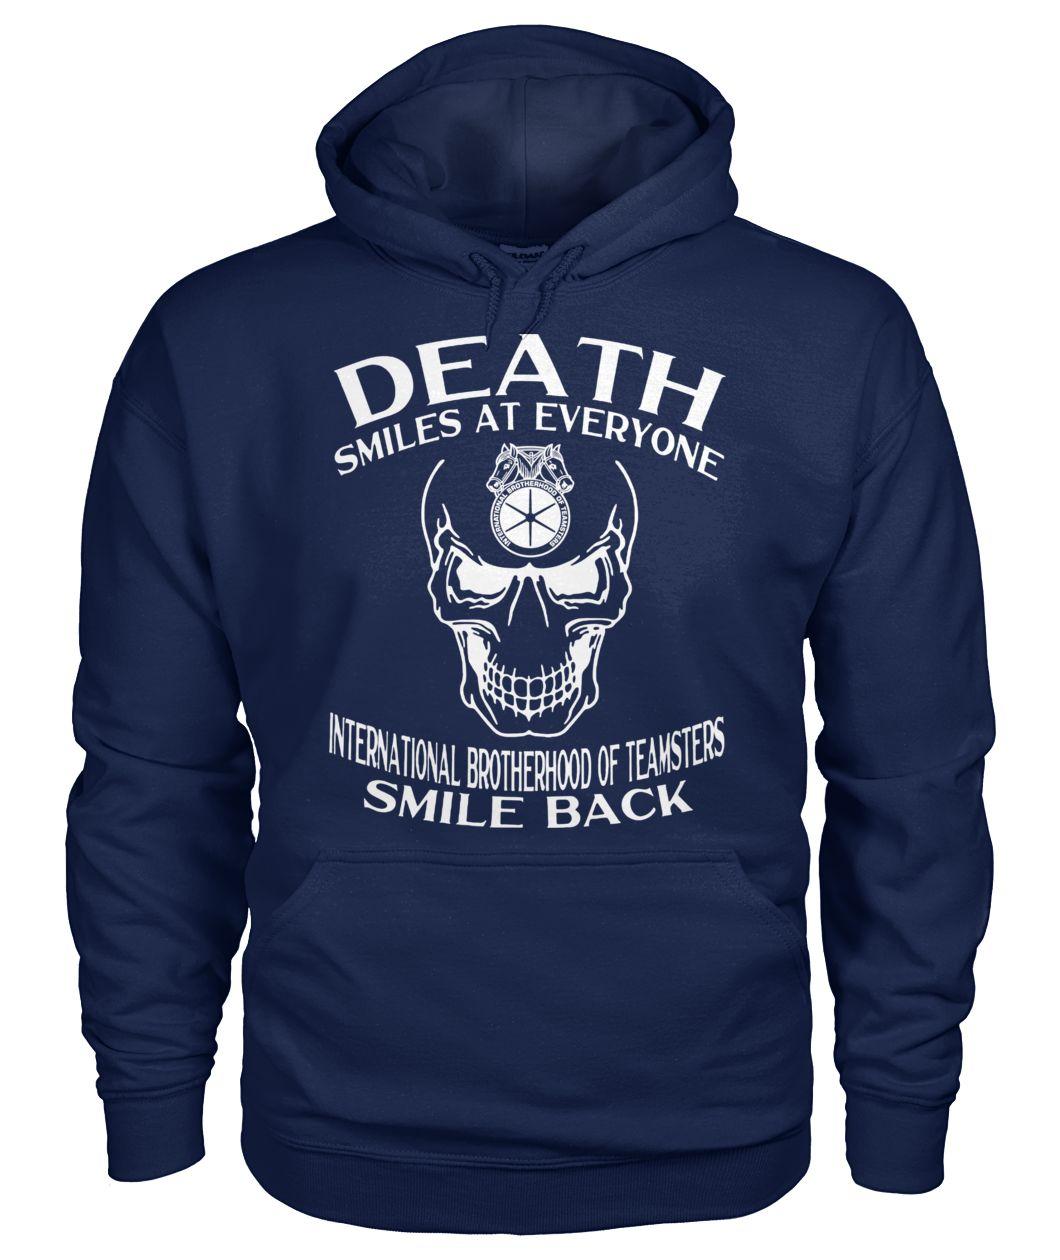 Skull death smiles at everyone international brotherhood of teamsters smile back hoodie